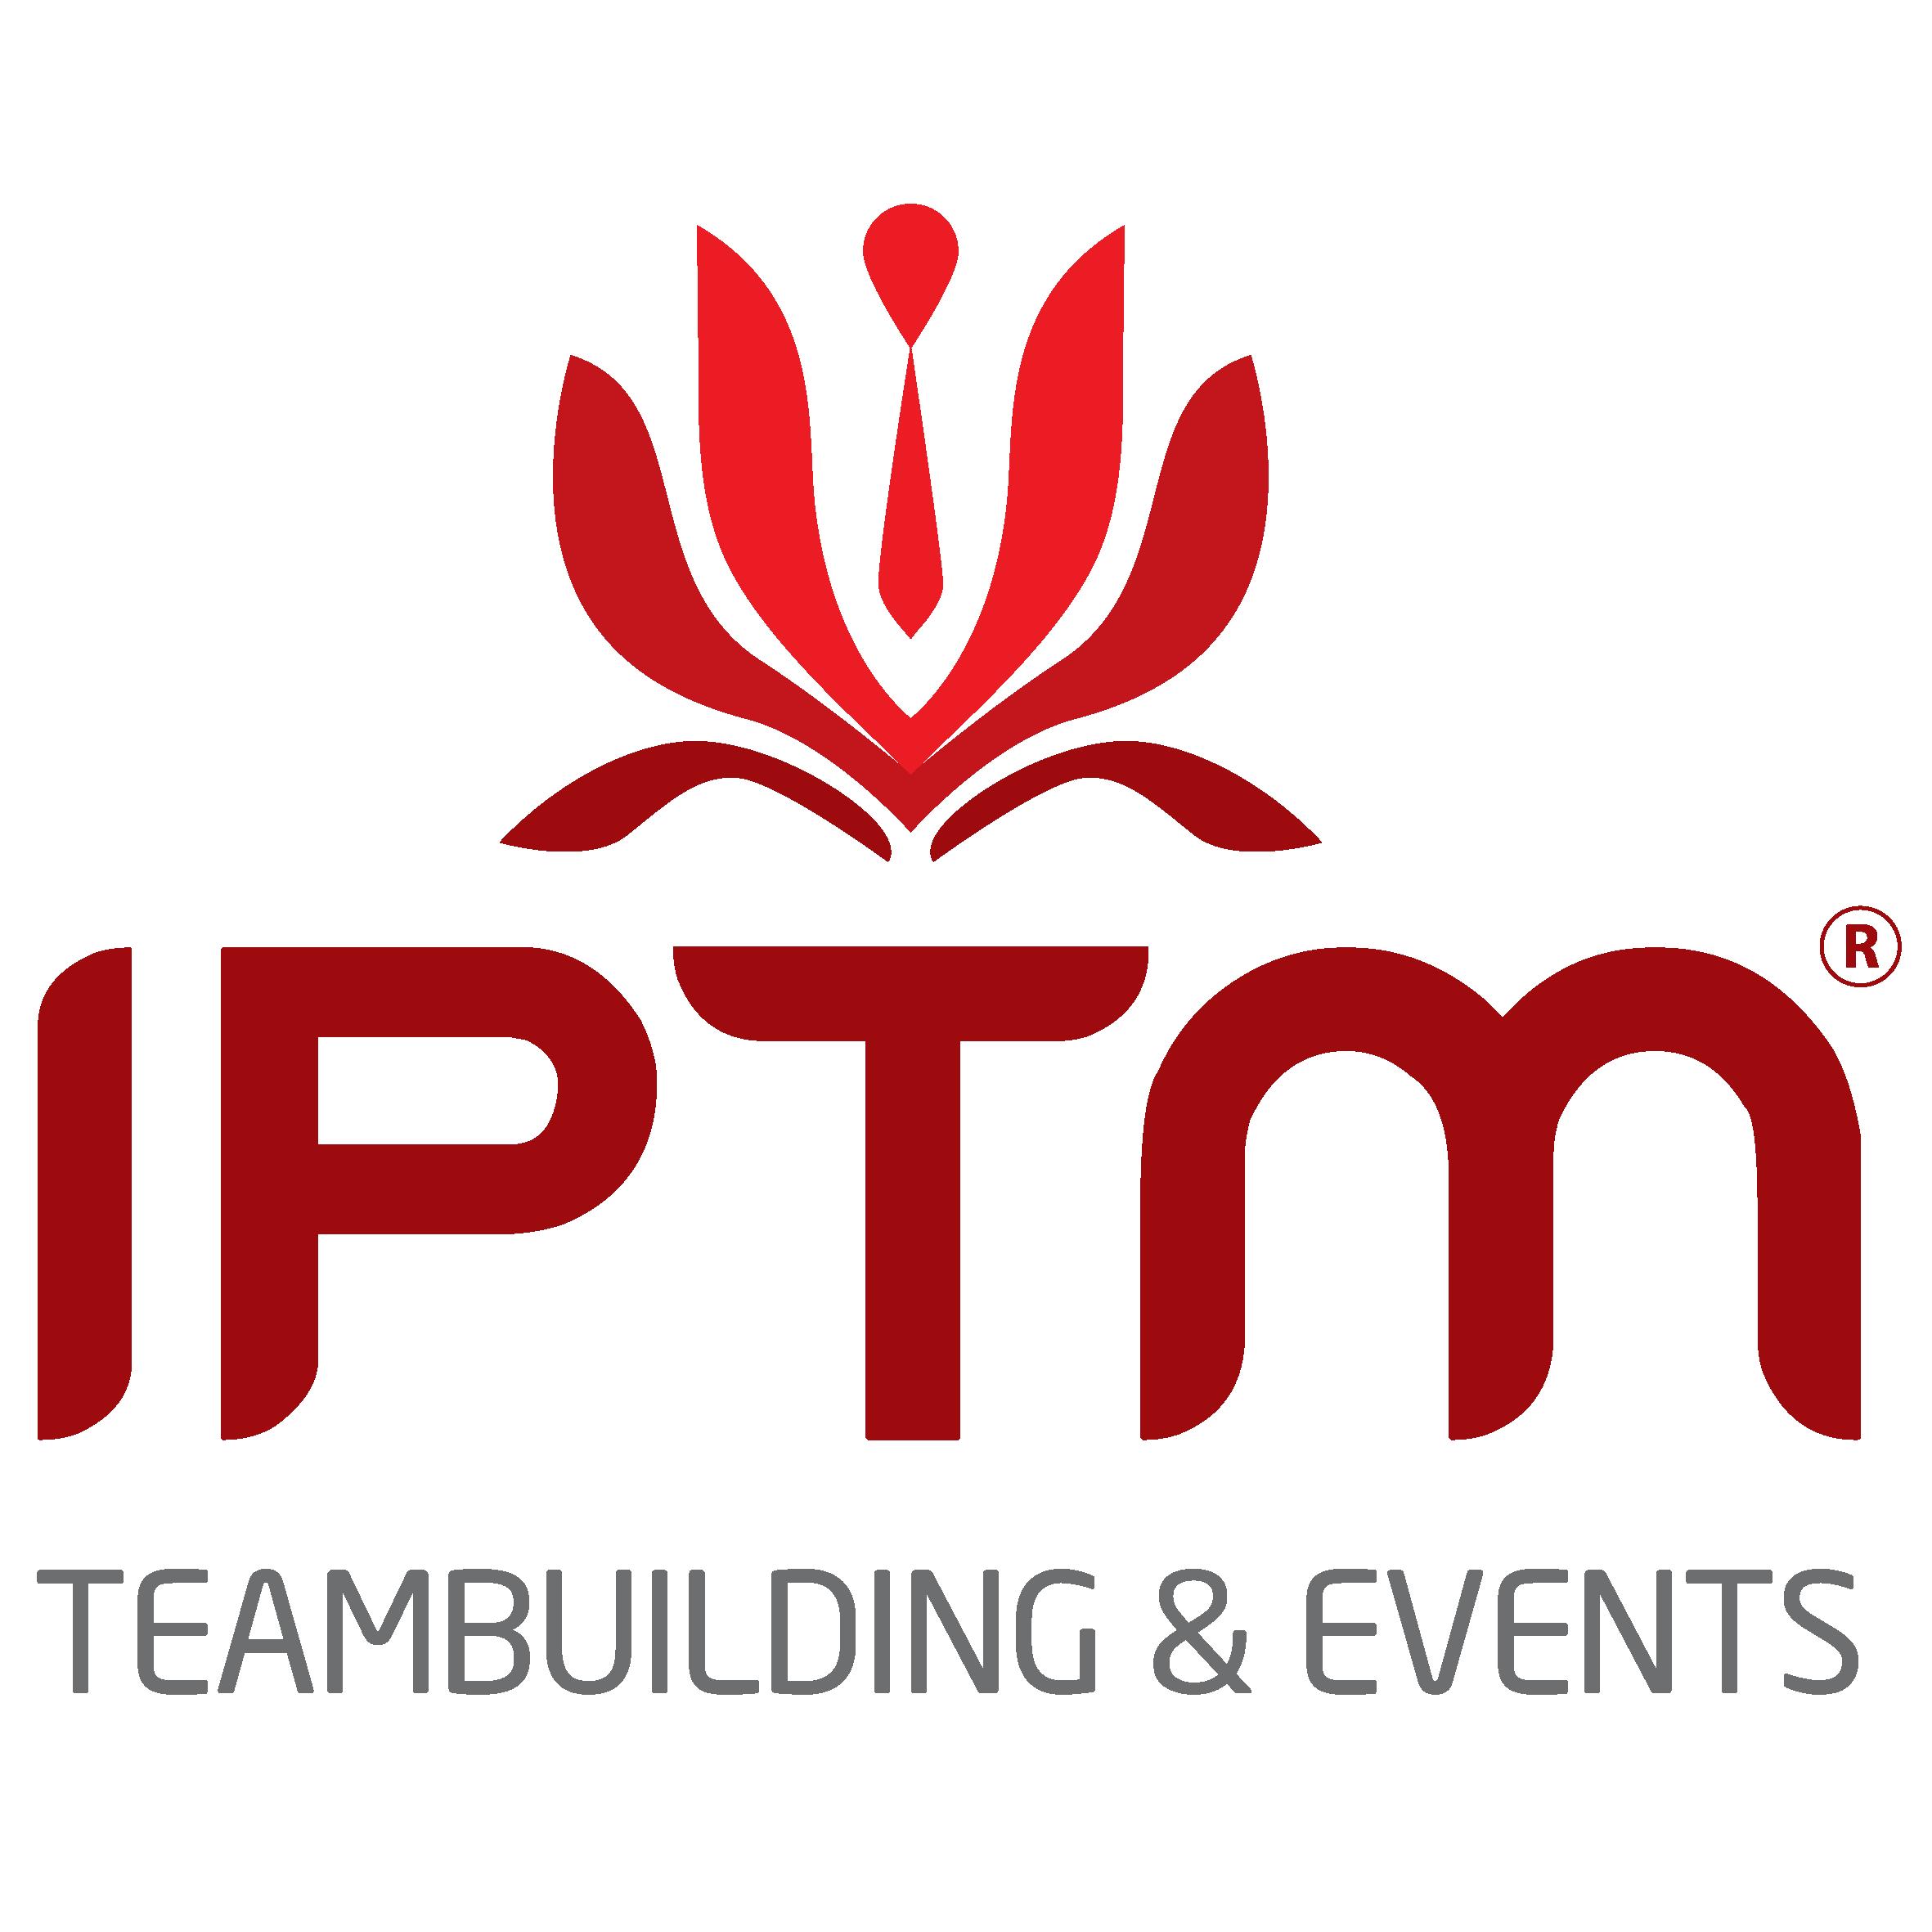 IPTM Teambuilding - Events - Công ty tổ chức teambuilding, hội nghị, party, ngày hội gia đình, sự kiện ngoài trời